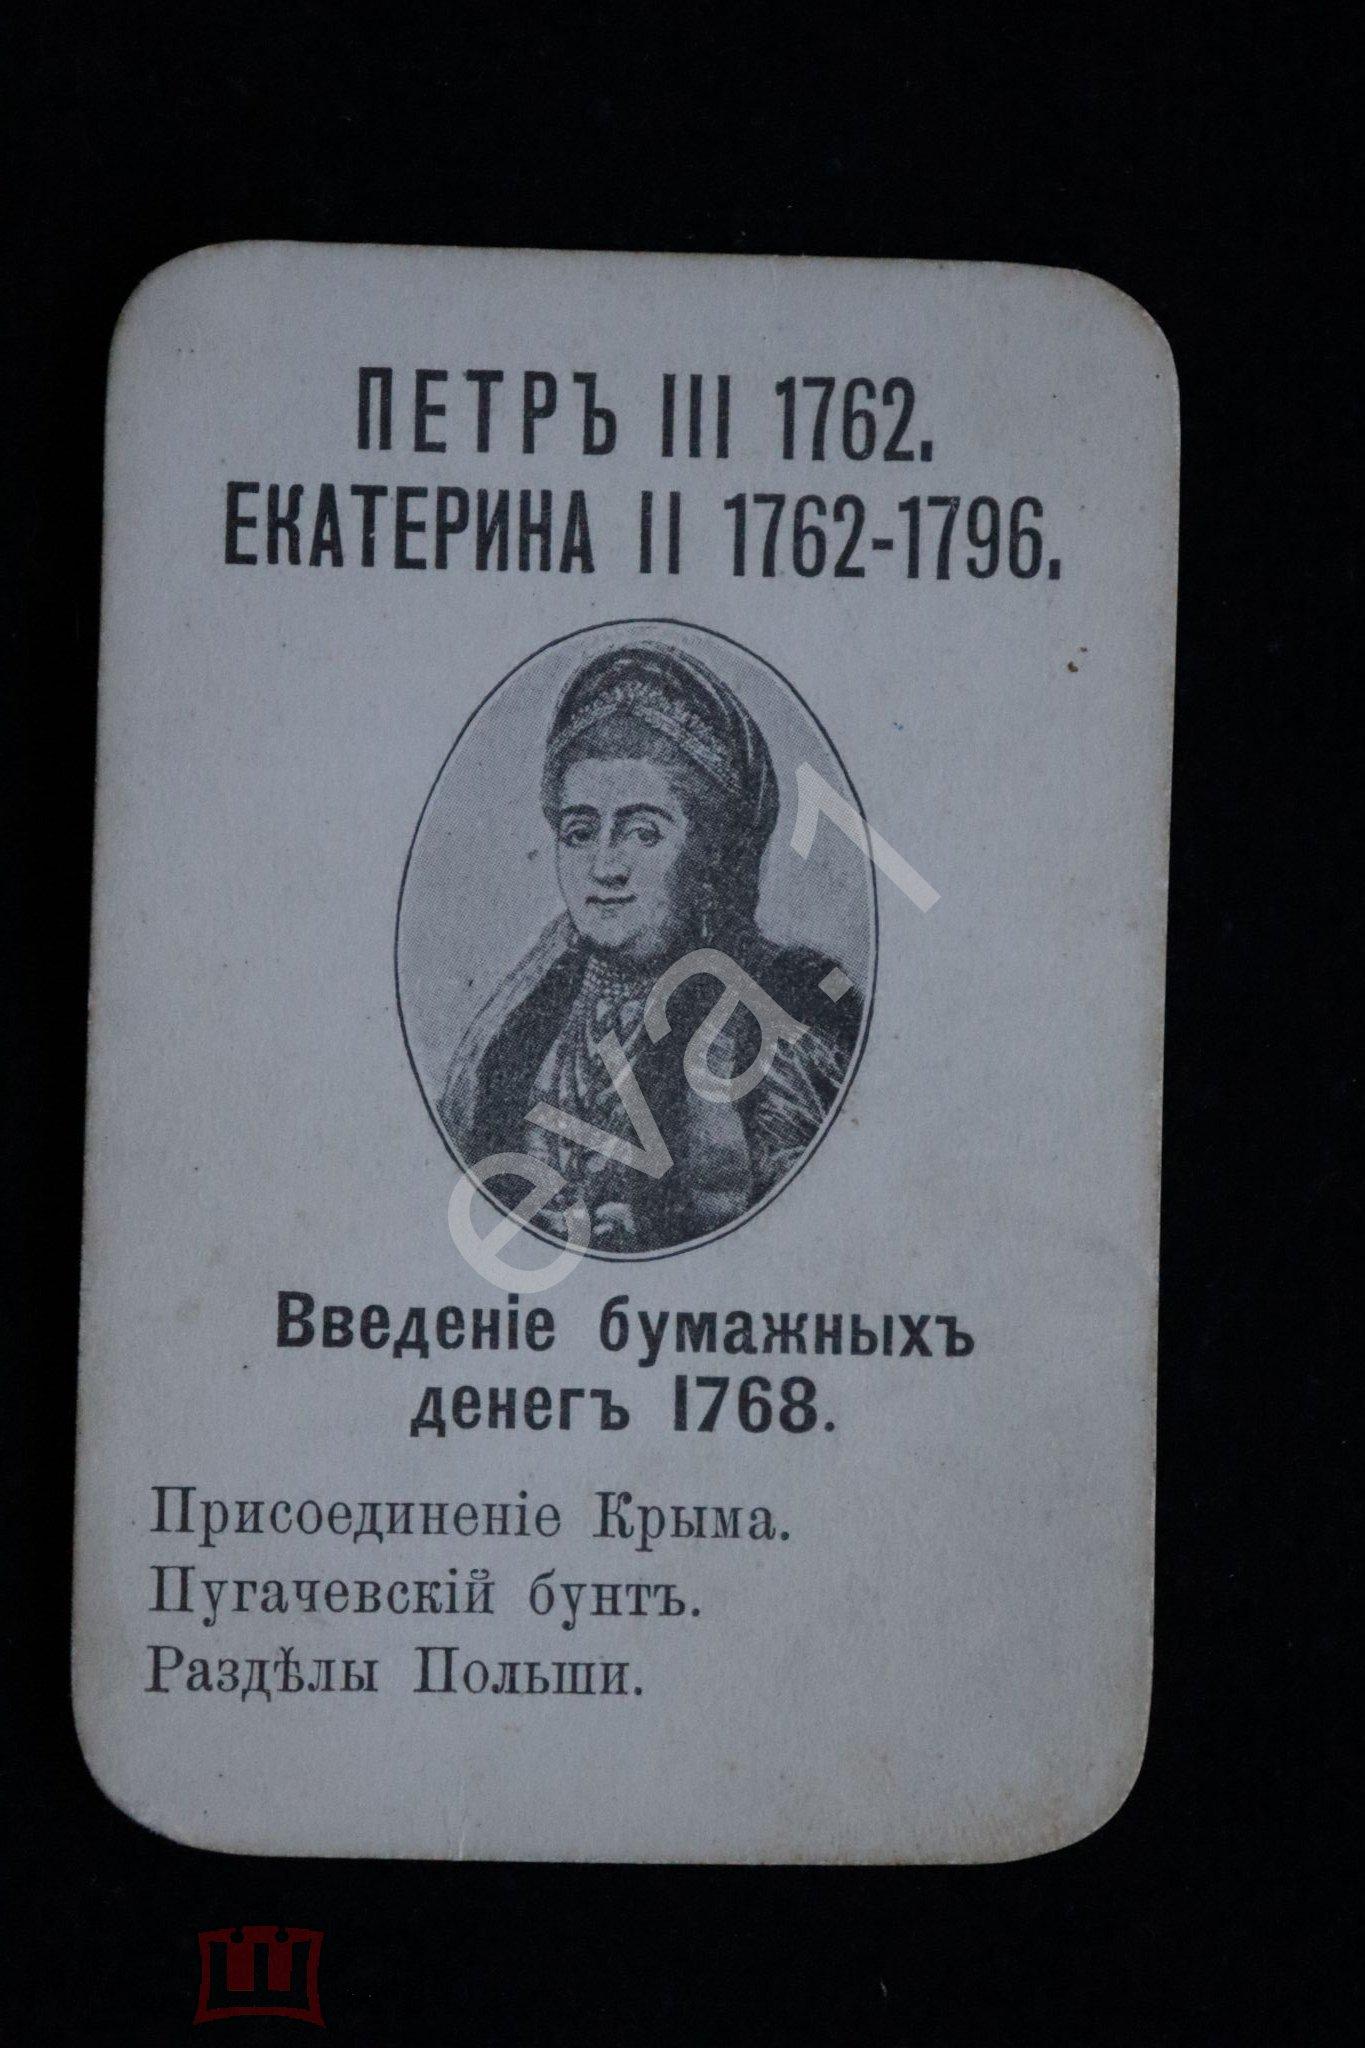 Учебная Карточка по Истории Екатерина 2-я Заслуги размер 6,2х9,3 см.